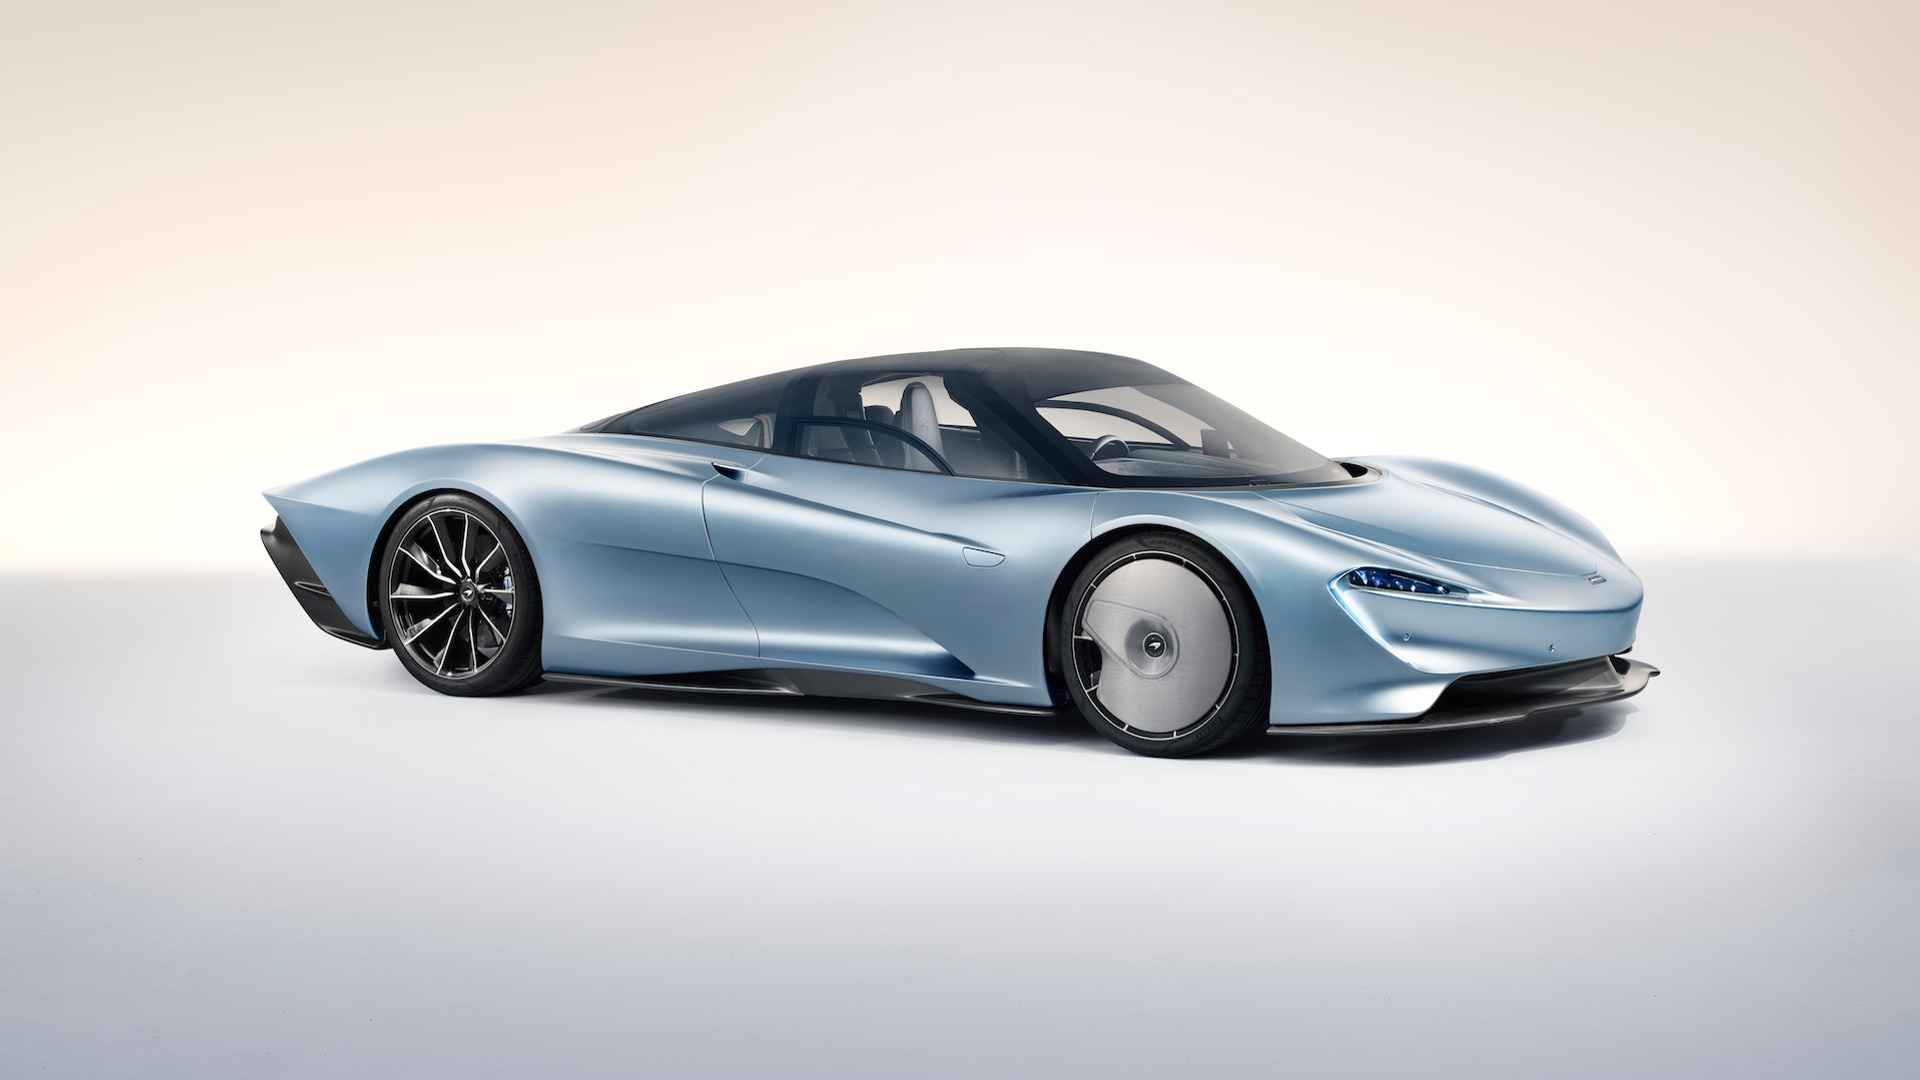 McLaren показал суперкар, способный разогнаться до 400 км/ч